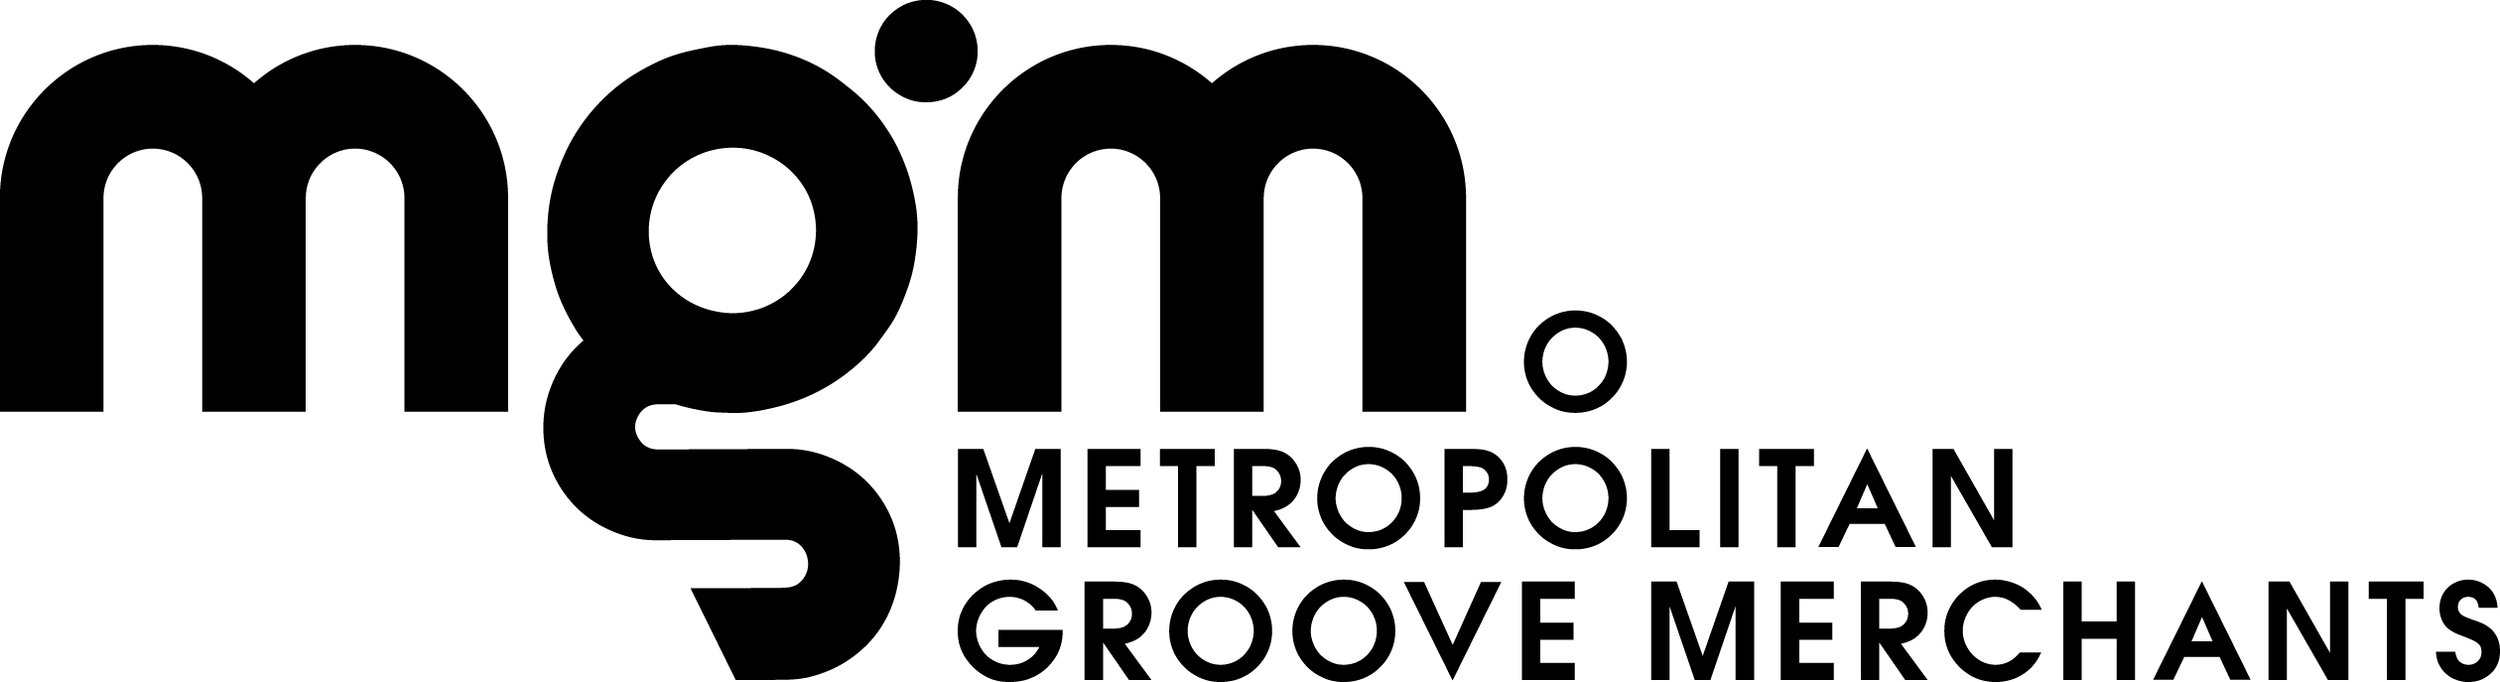 MGM_logo_RGB_BLACK.jpg